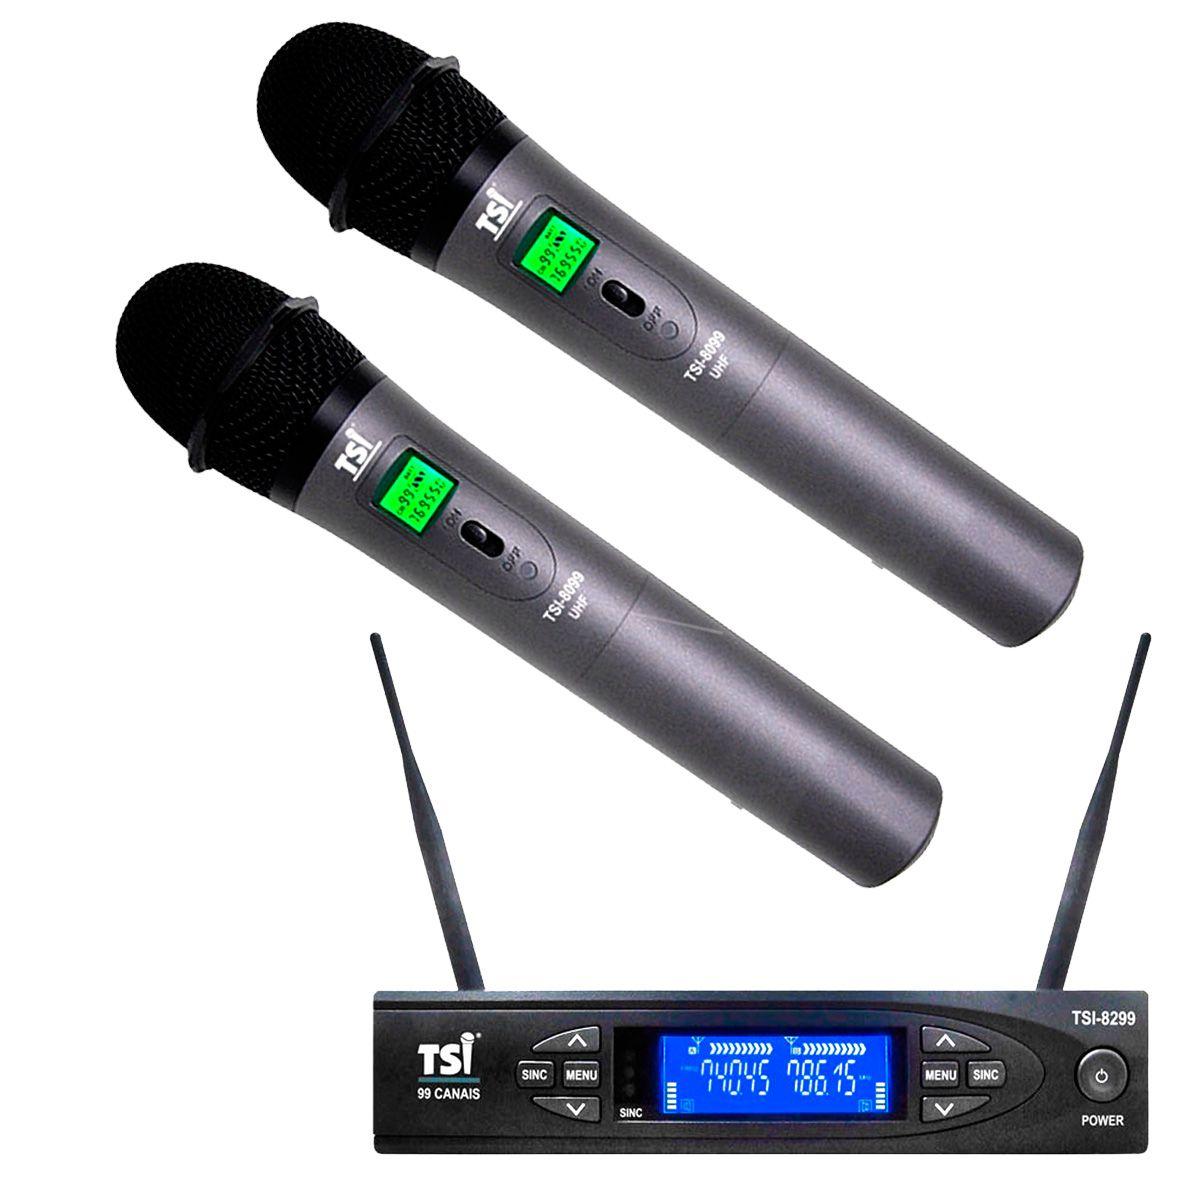 Microfone Sem Fio TSI 8299 UHF Sem Fio Duplo de Mão 198 Canais